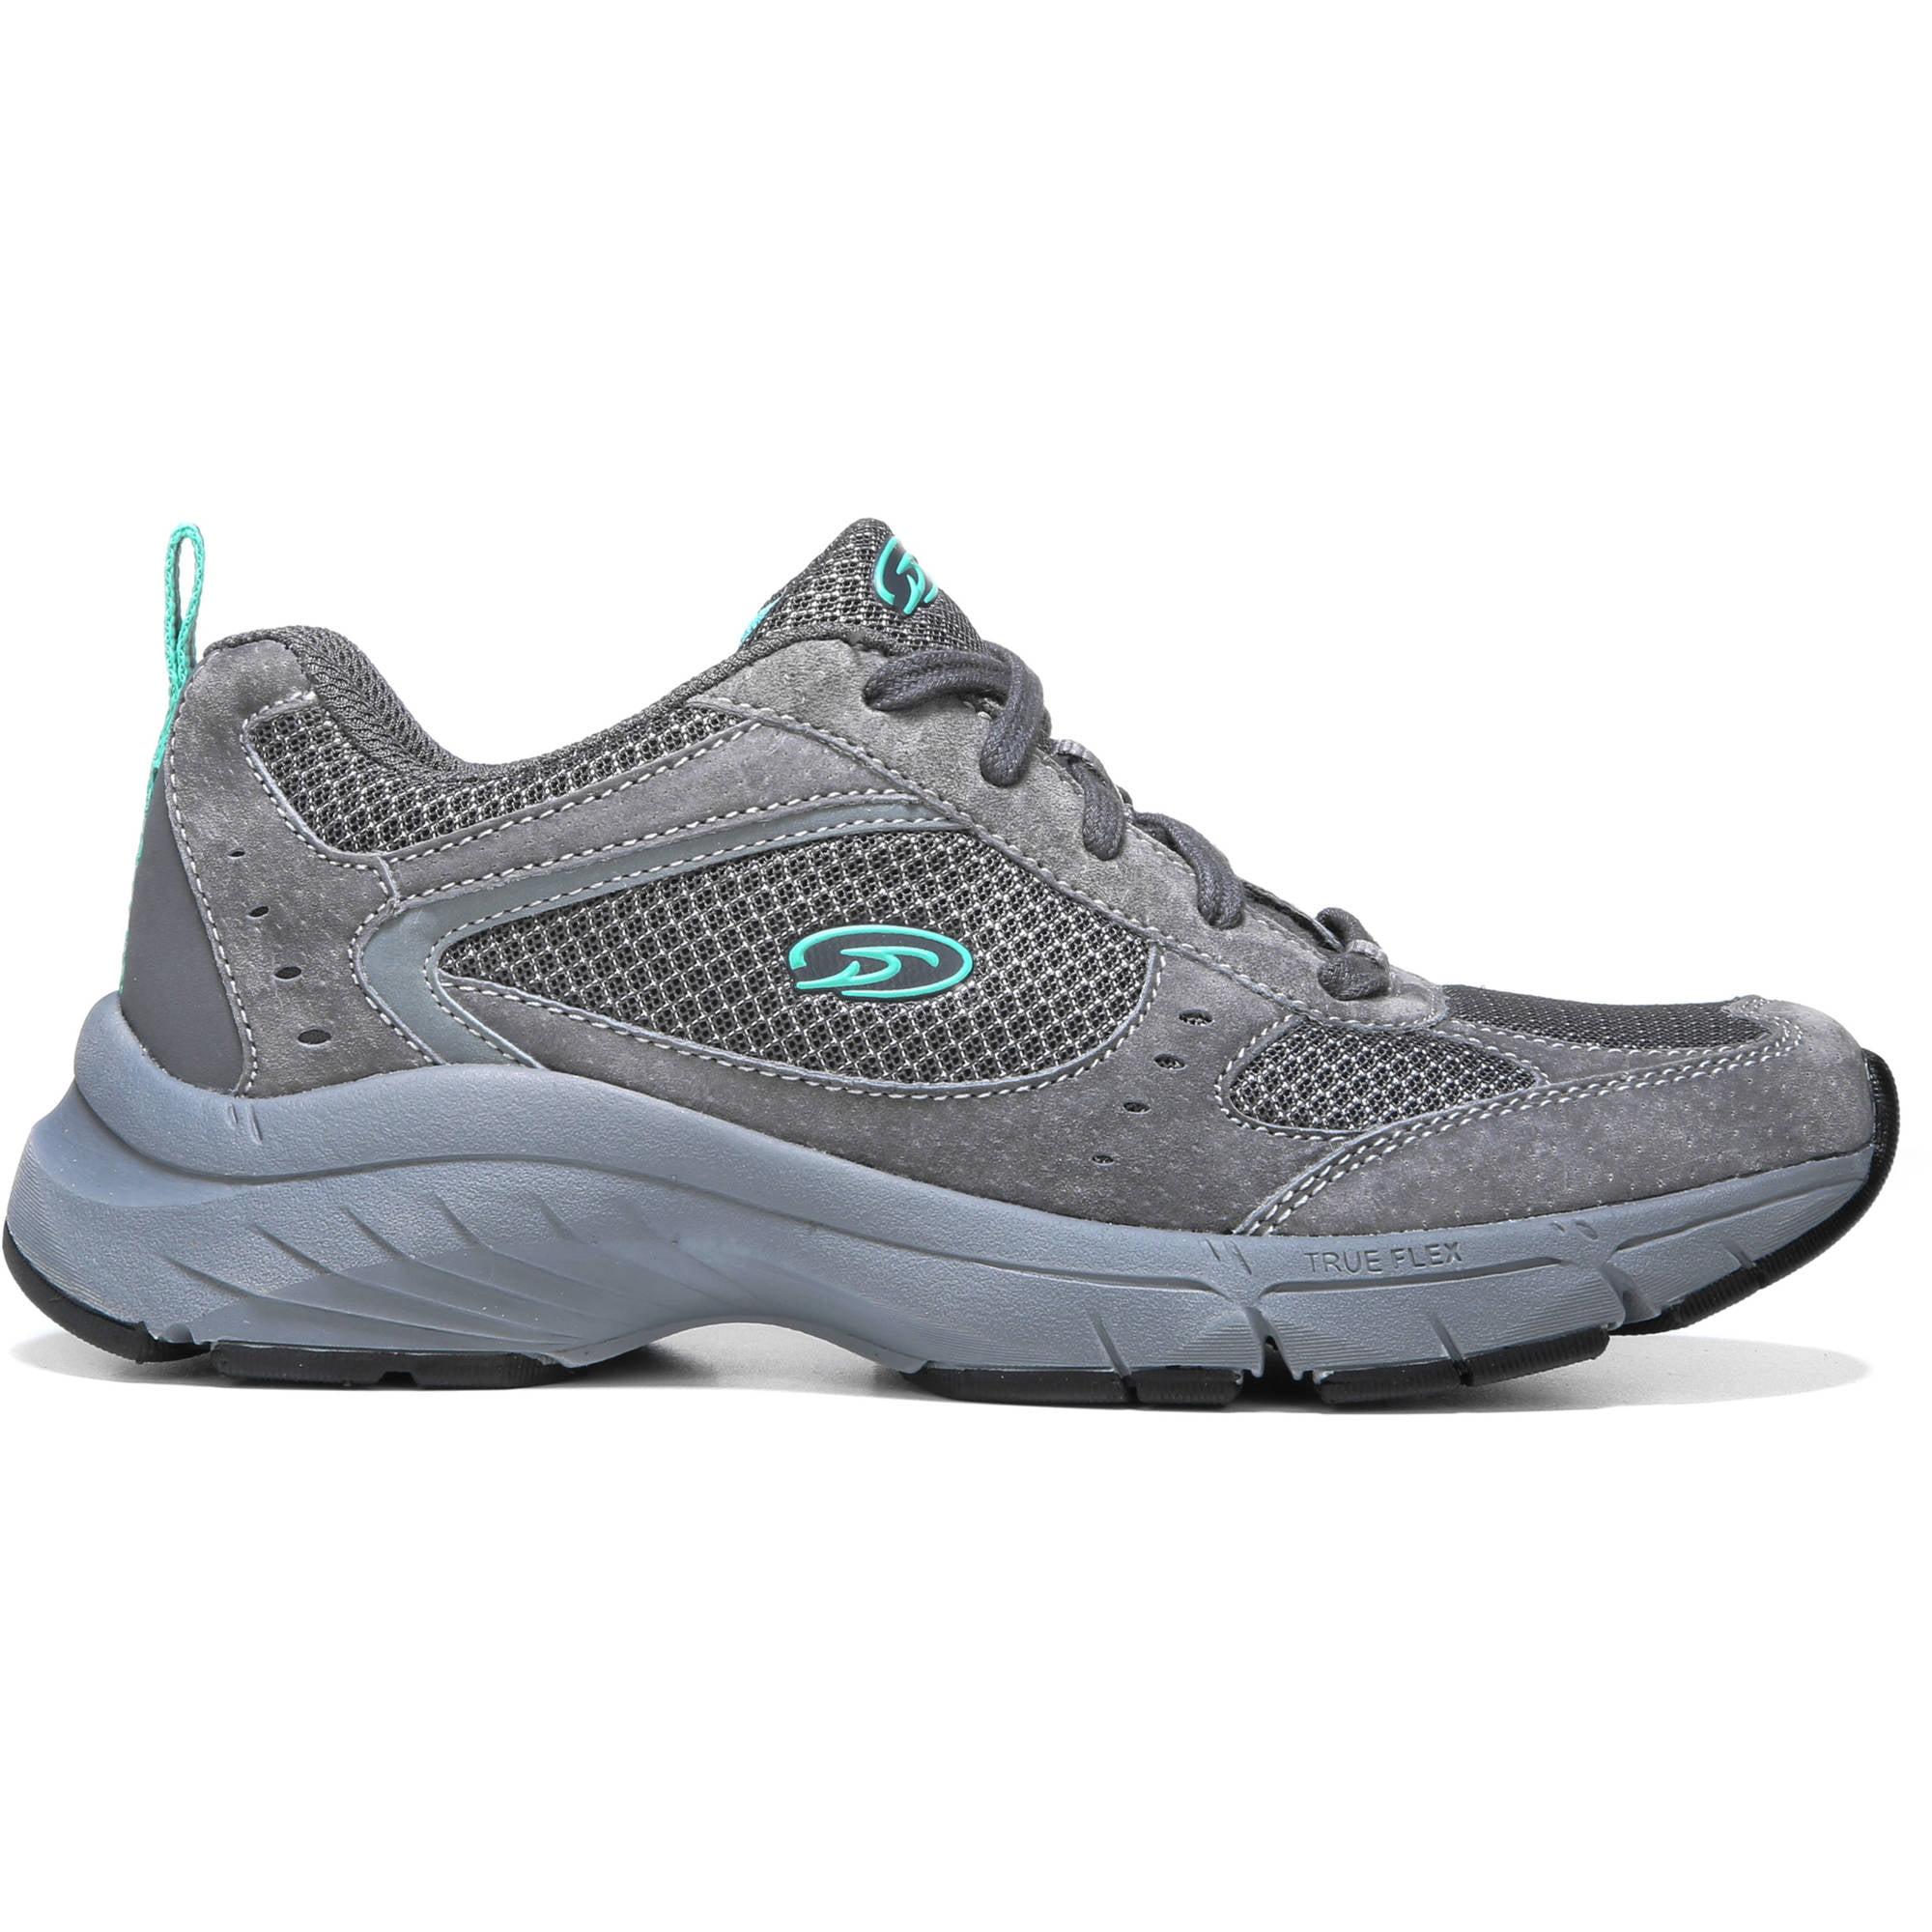 Dr. Scholl's Women's Everest Athletic Shoe